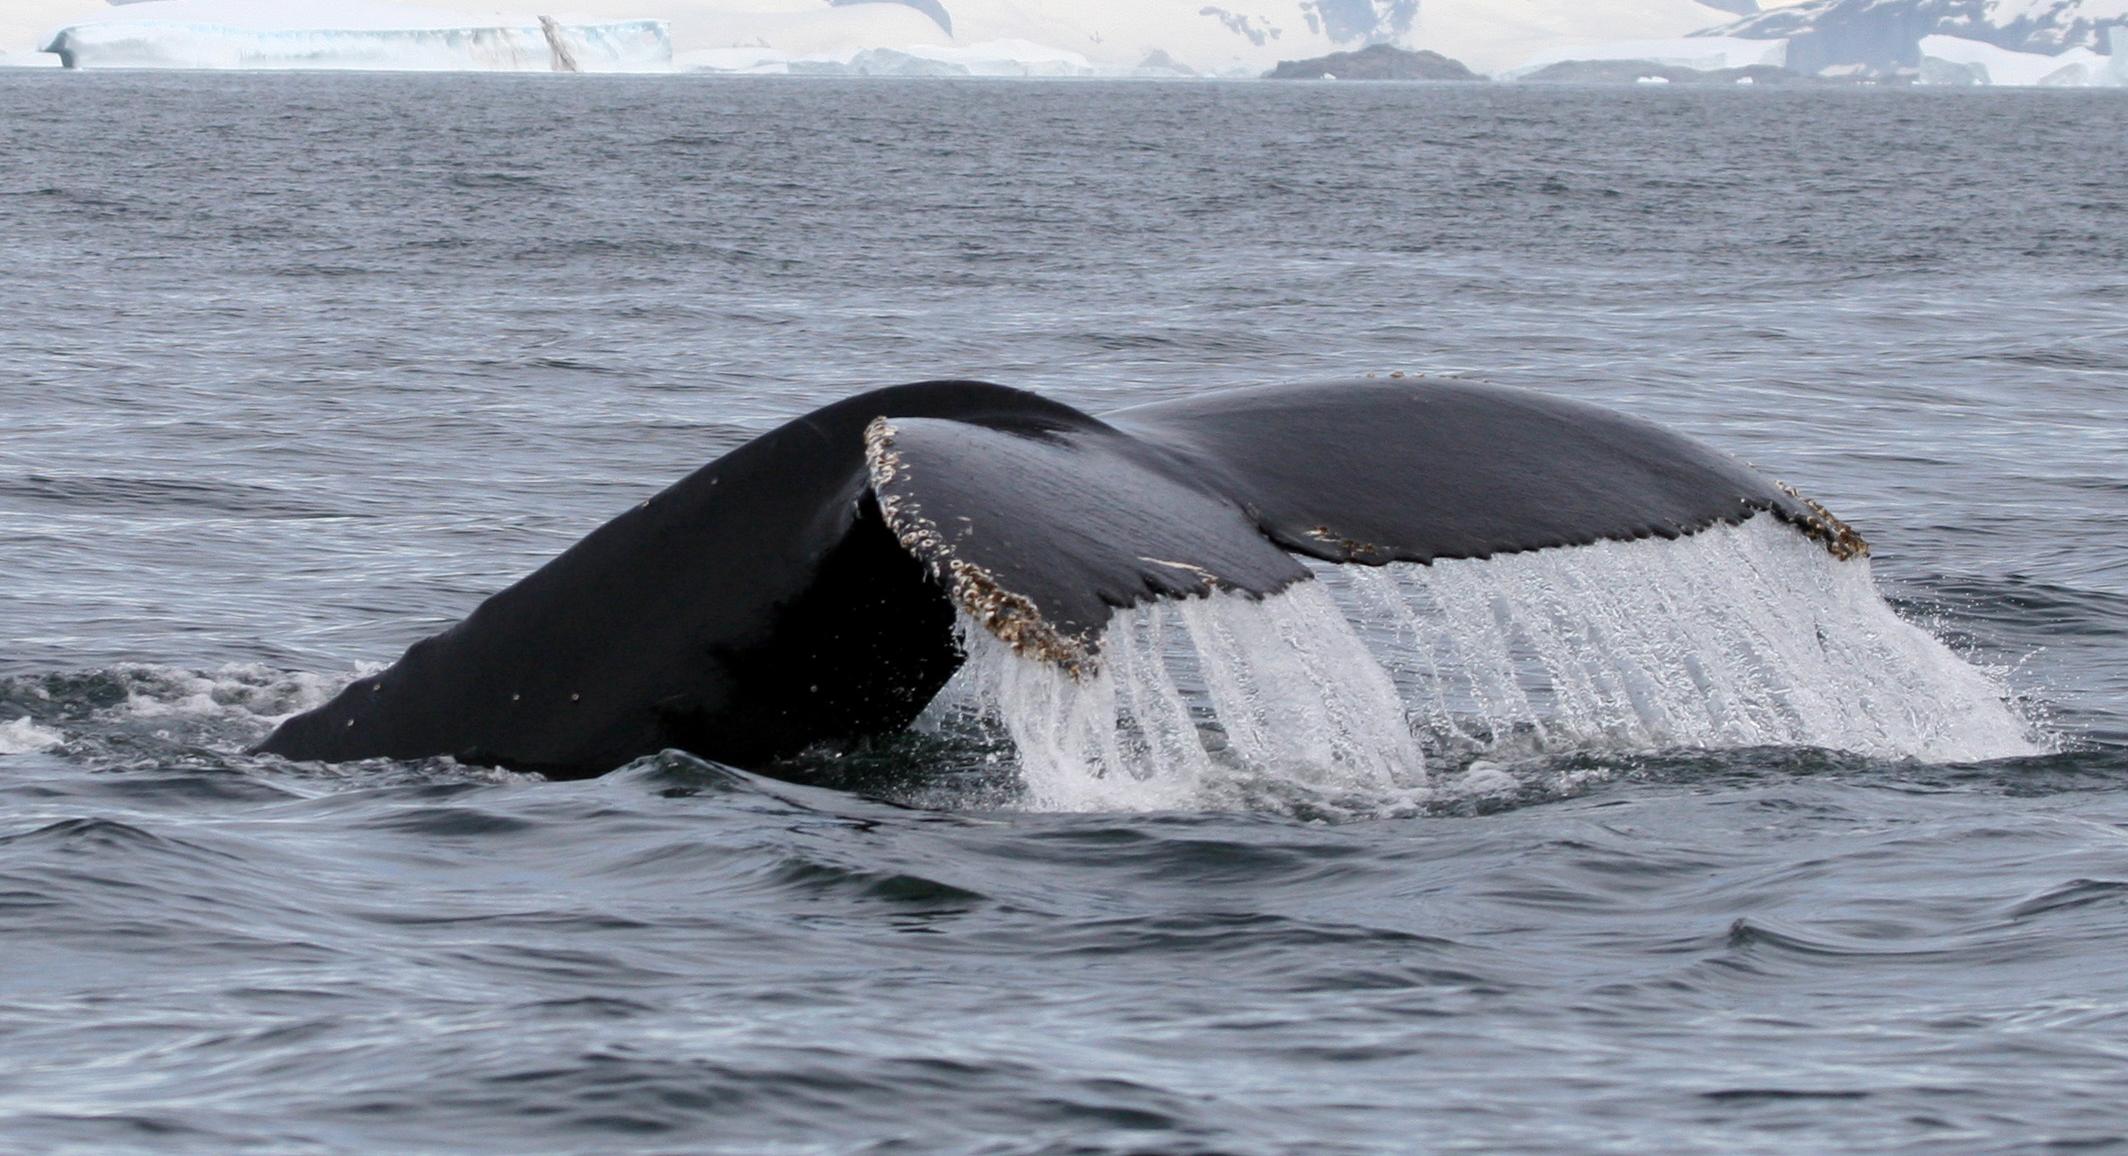 Ammira le balene dell'Islanda in questo tour del fiordo di Breidafjördur nella penisola di Snæfellsnes.